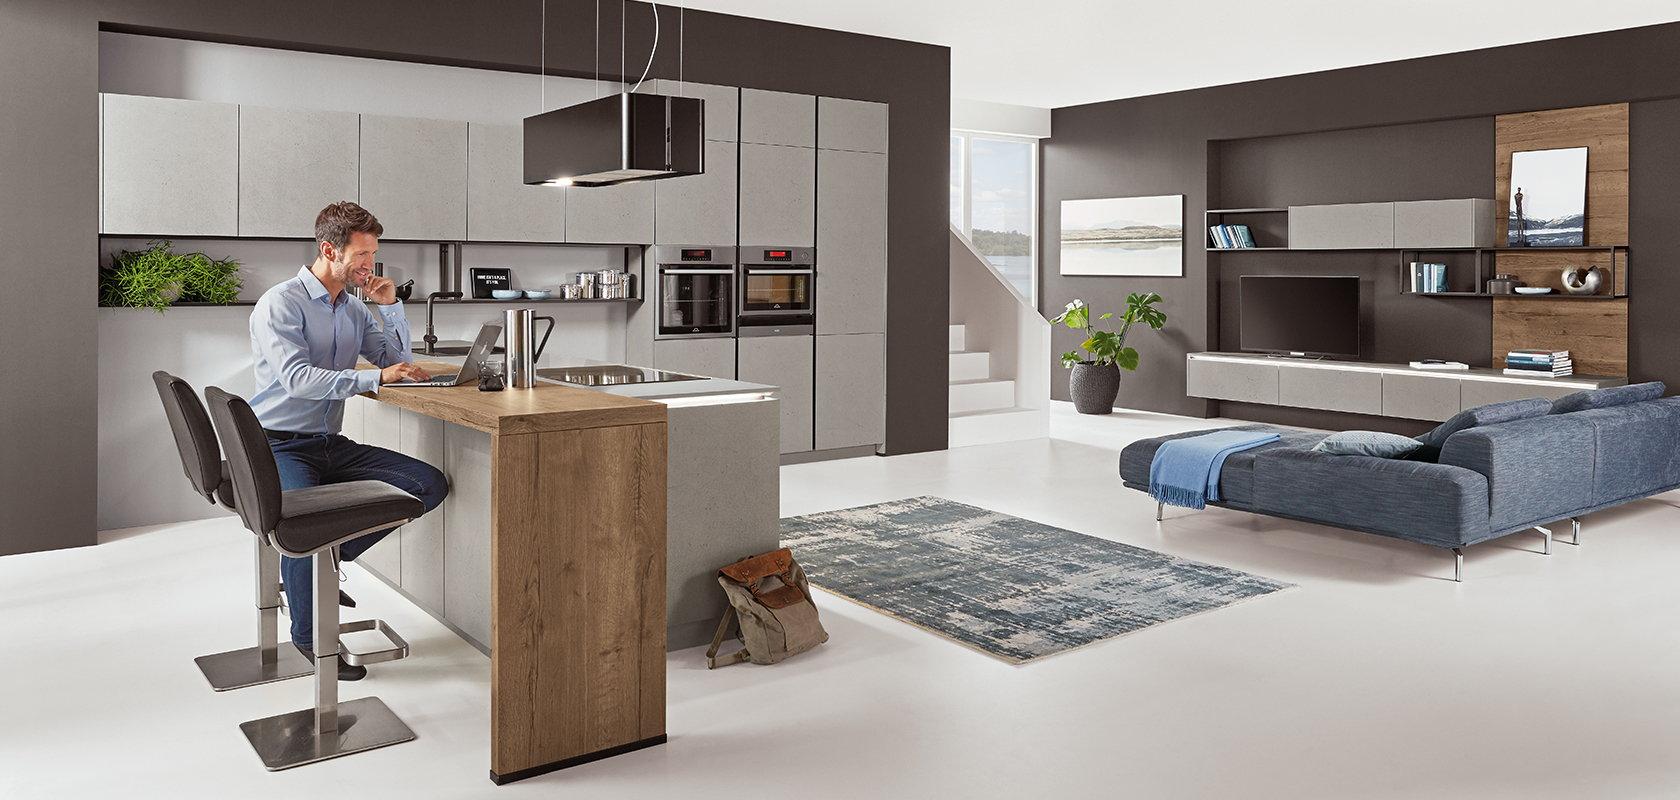 Thuiswerken aan het schiereiland met bar – Grijze design keuken Nobilia Cemento